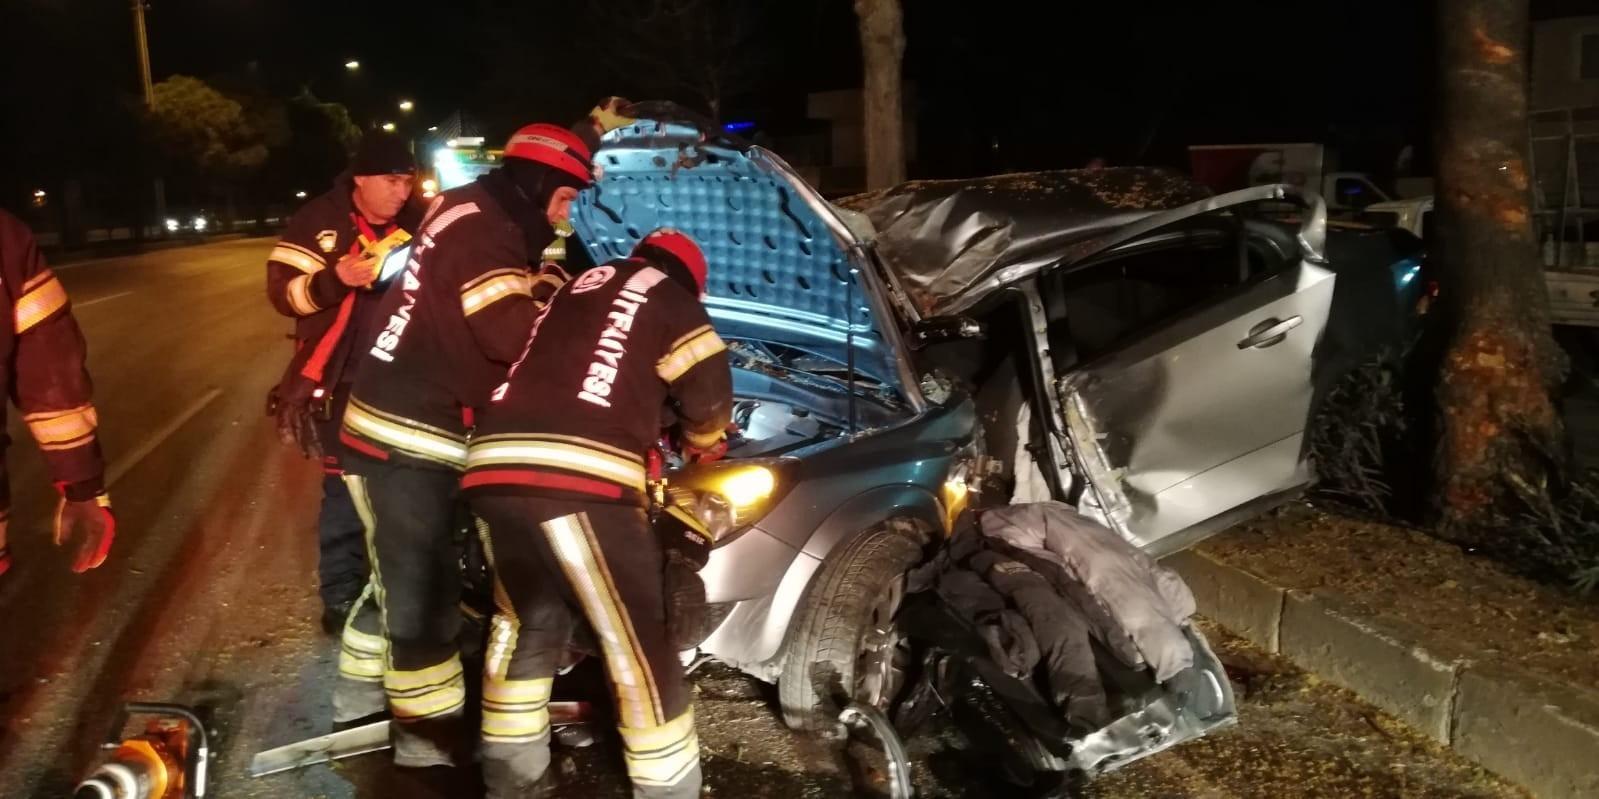 Denizli'de  son 1 haftada meydana gelen 74 trafik kazasında bir kişi hayatını kaybetti